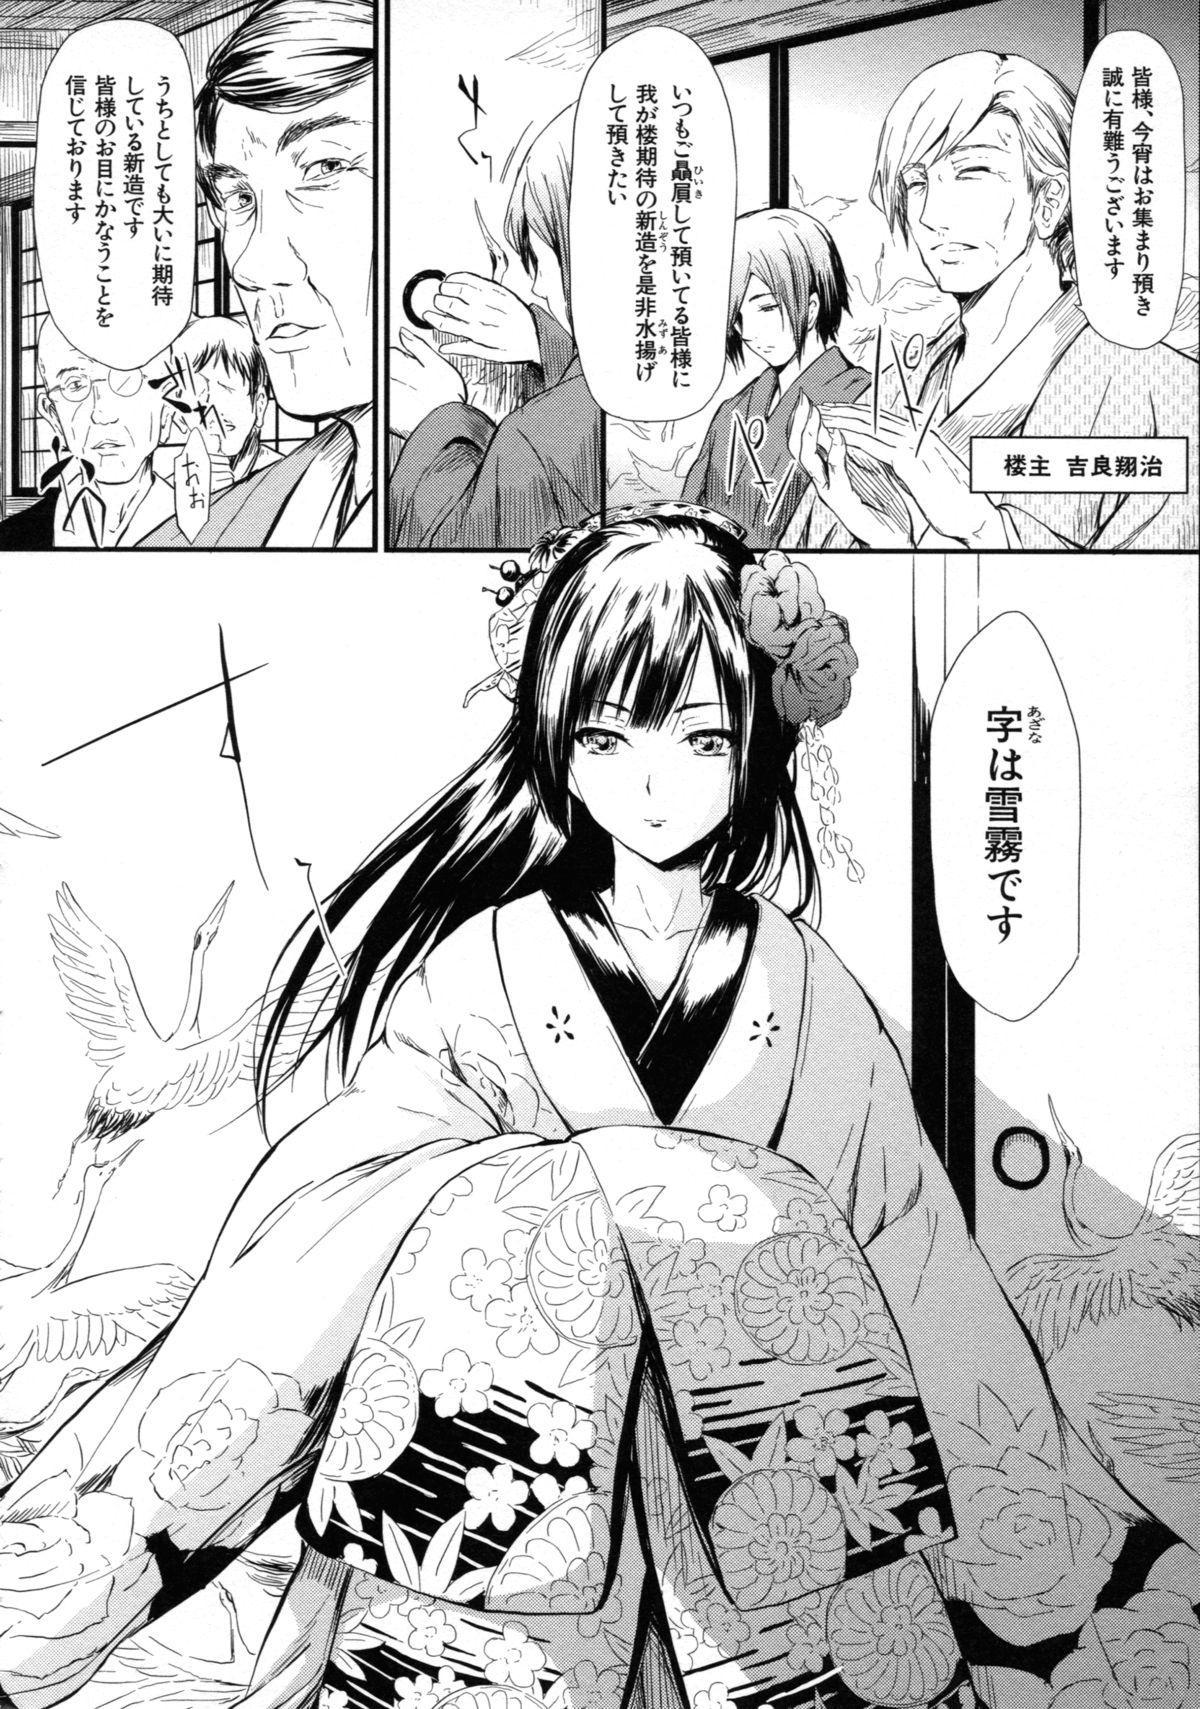 [Shiki Takuto] Tokoharu no Shoujo-tachi - The Girls in the Eternal Spring 62